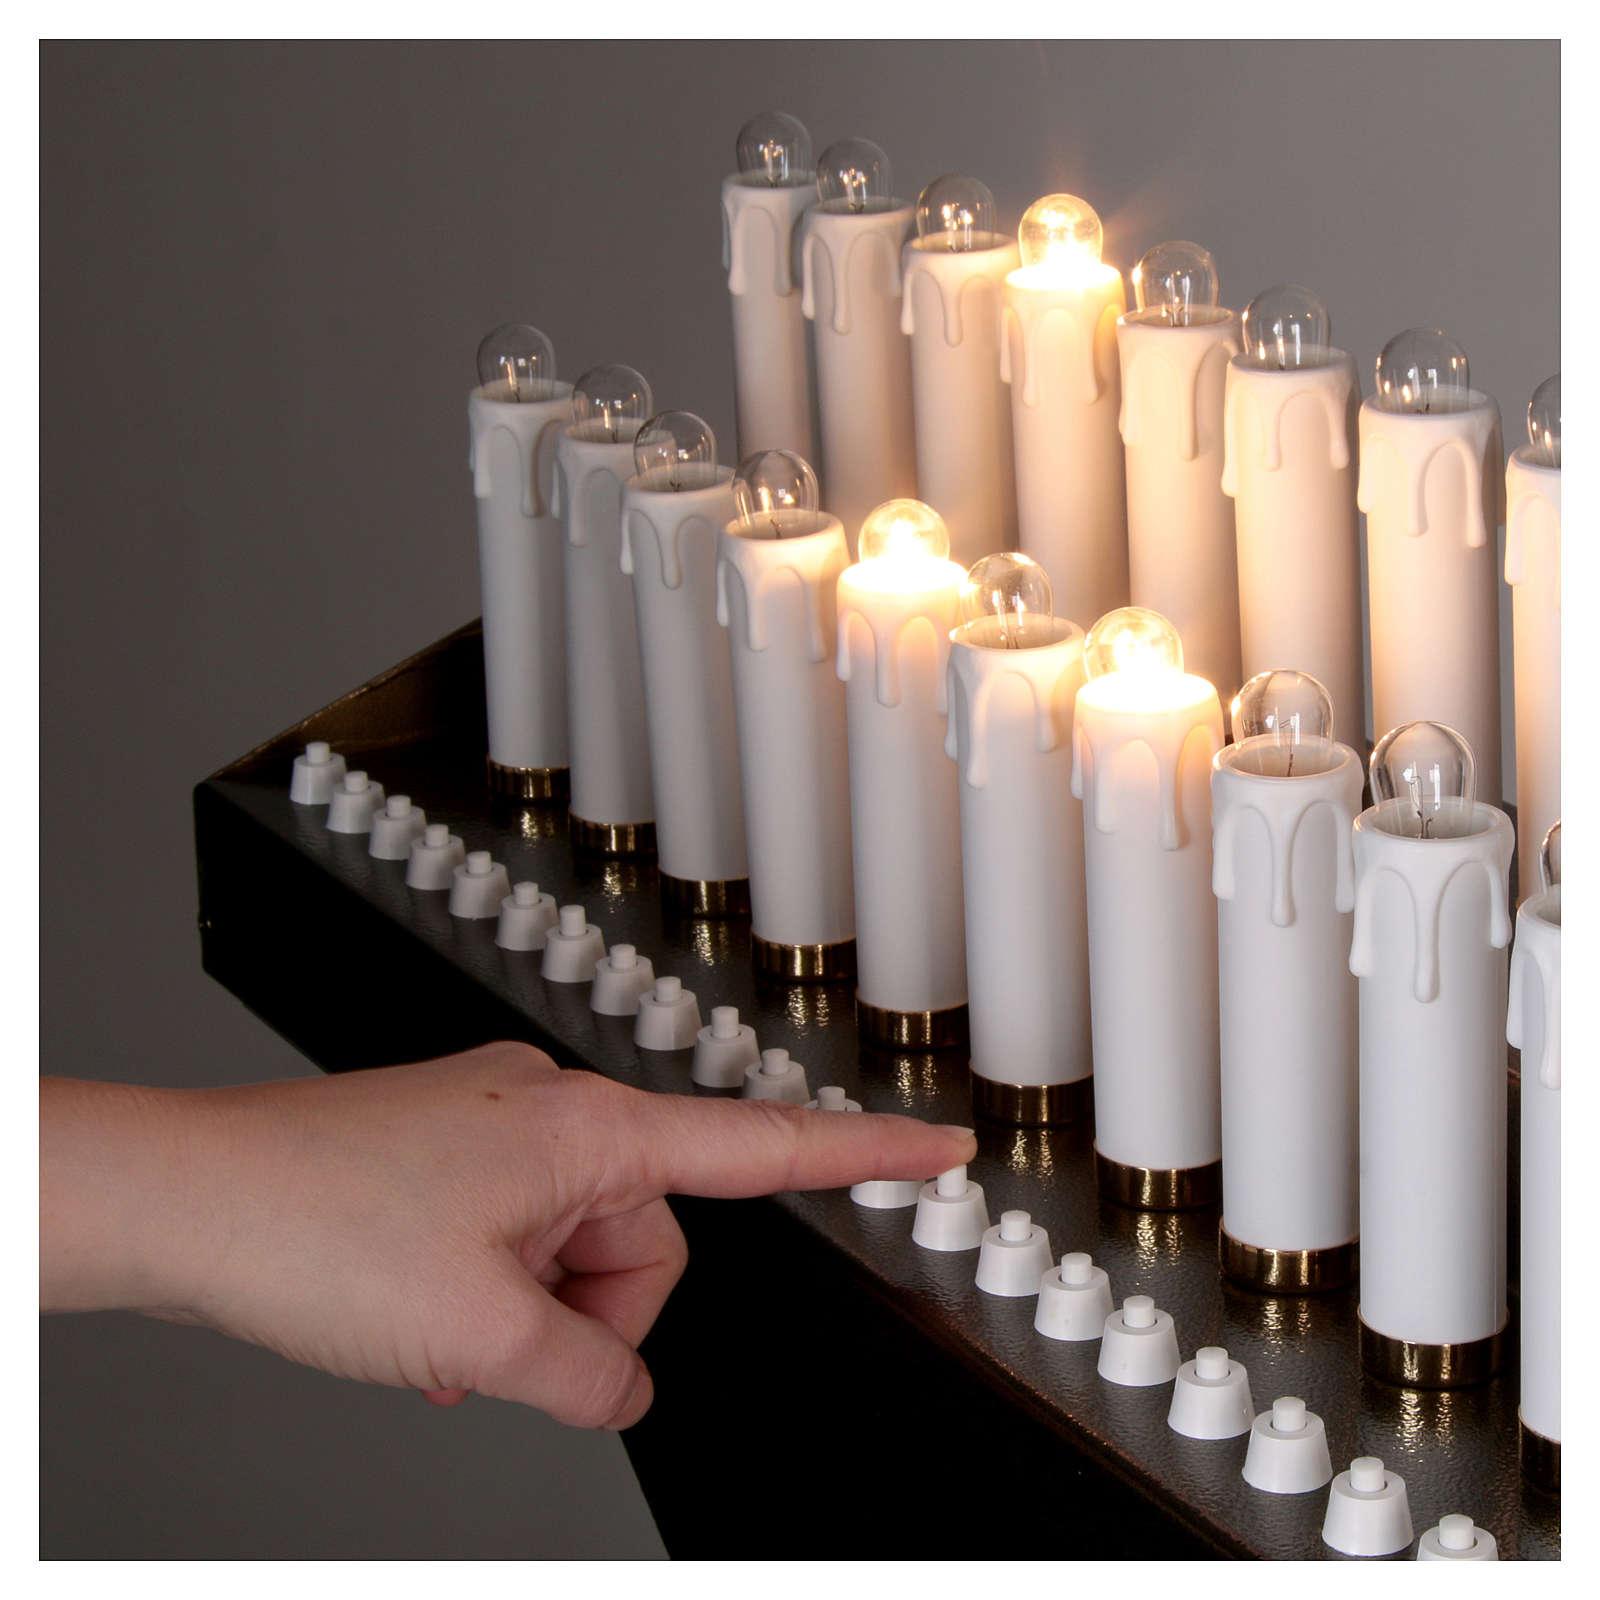 Votivo elettrico 31 candele a 24Vcc pulsanti lampadine 4